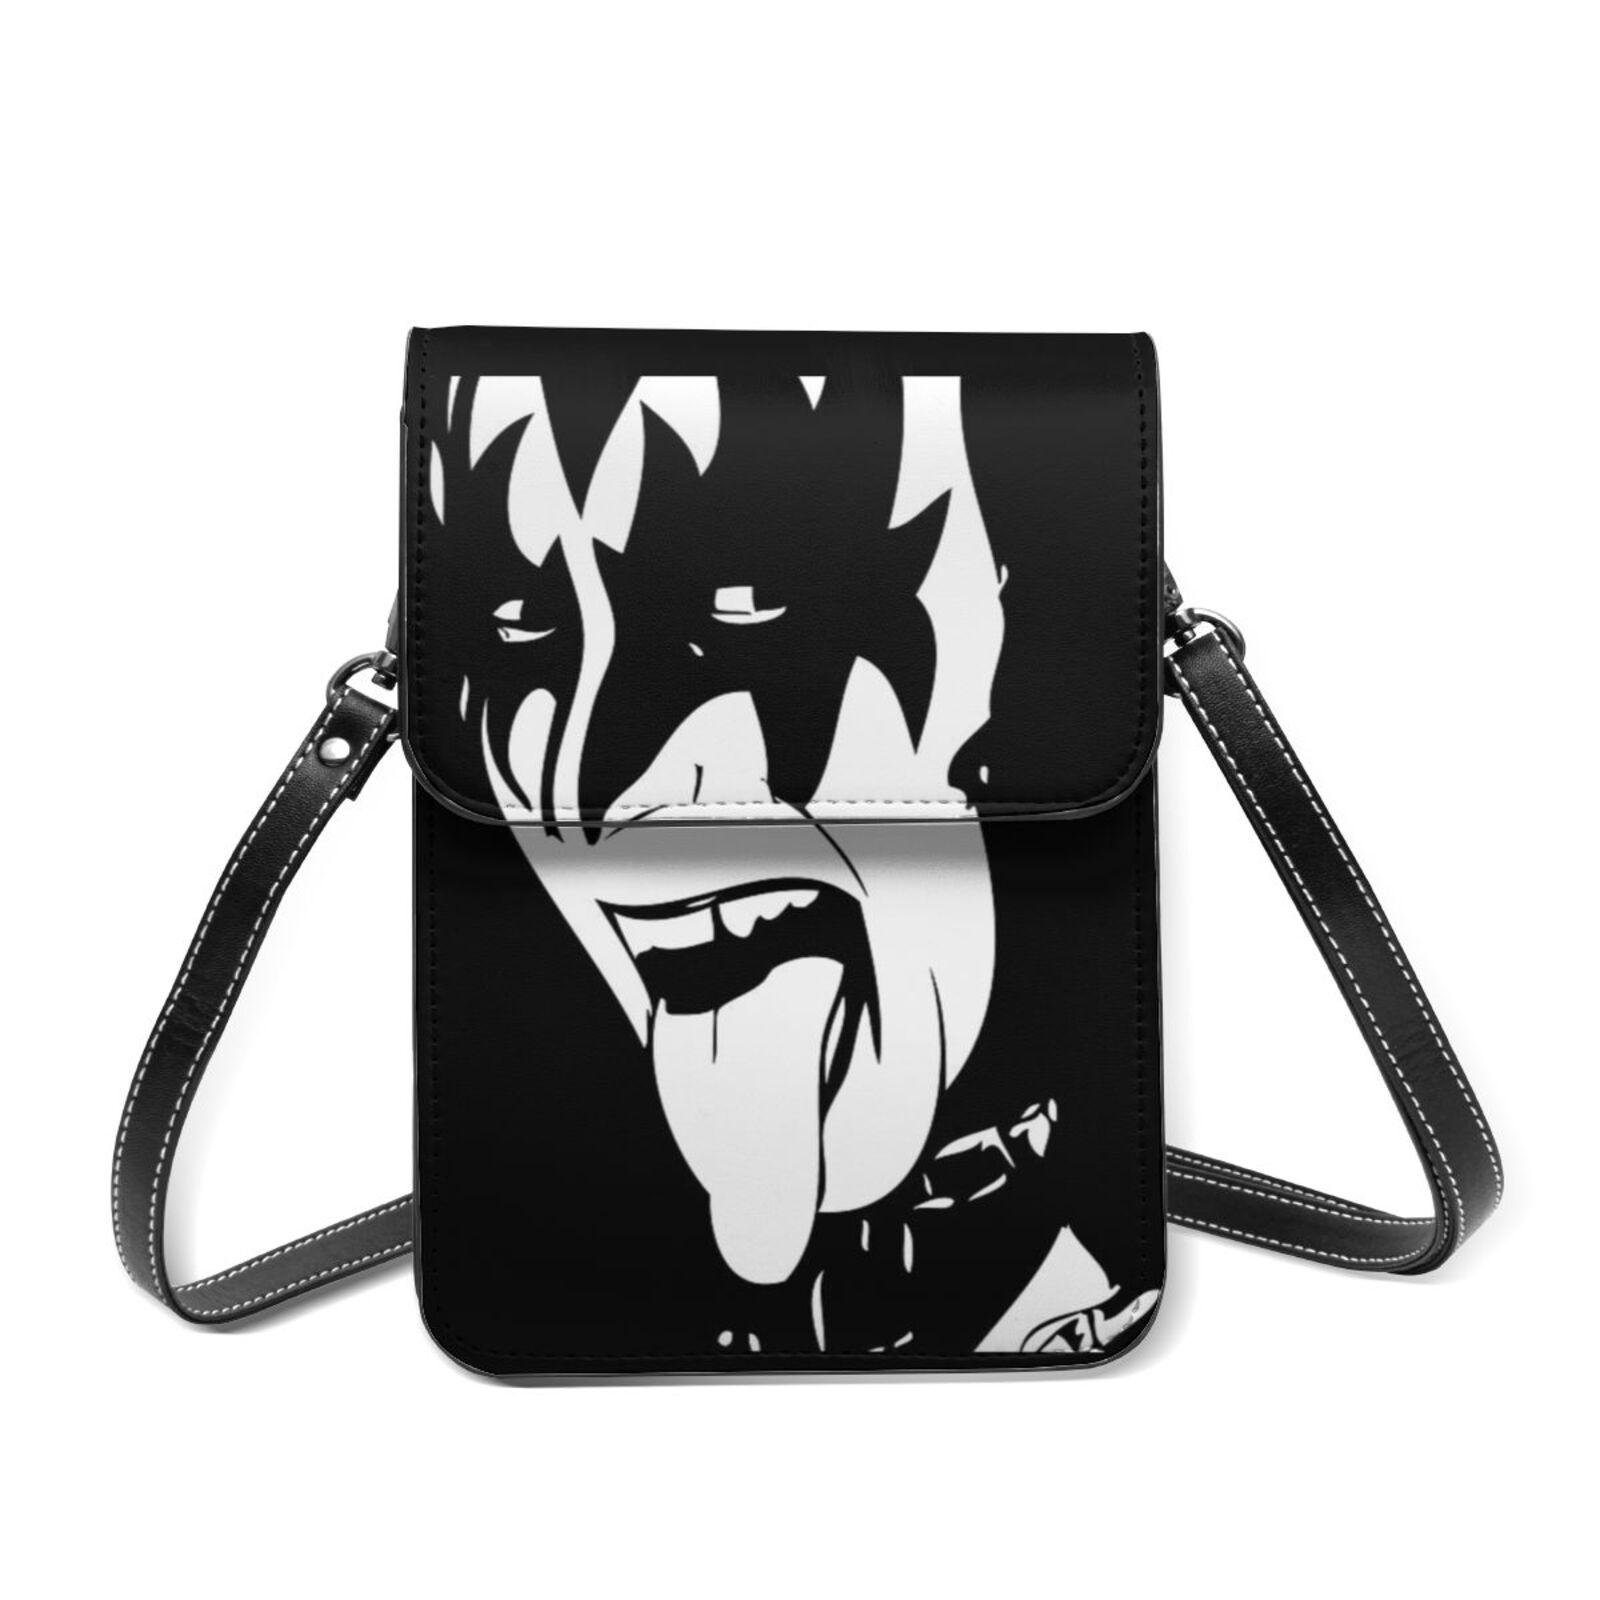 Kiss Band Shoulder Bag Shopping Student Mobile Phone Bag Fashion Reusable Leather Bags